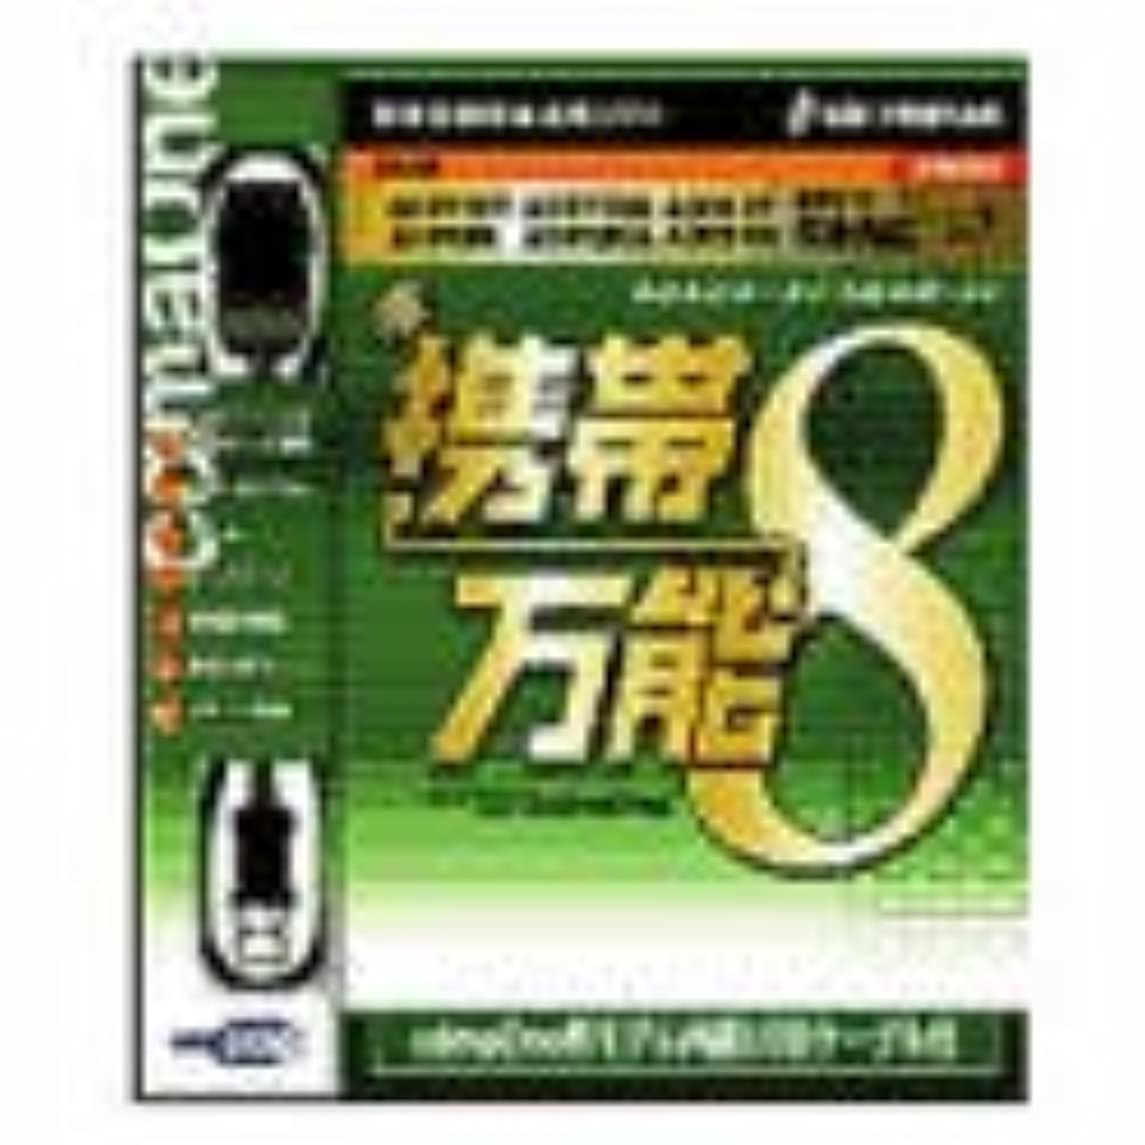 性能カウントアップ噴火携帯万能 8 cdmaOne用内蔵USBケーブル付 大フィーバーキャンペーン版